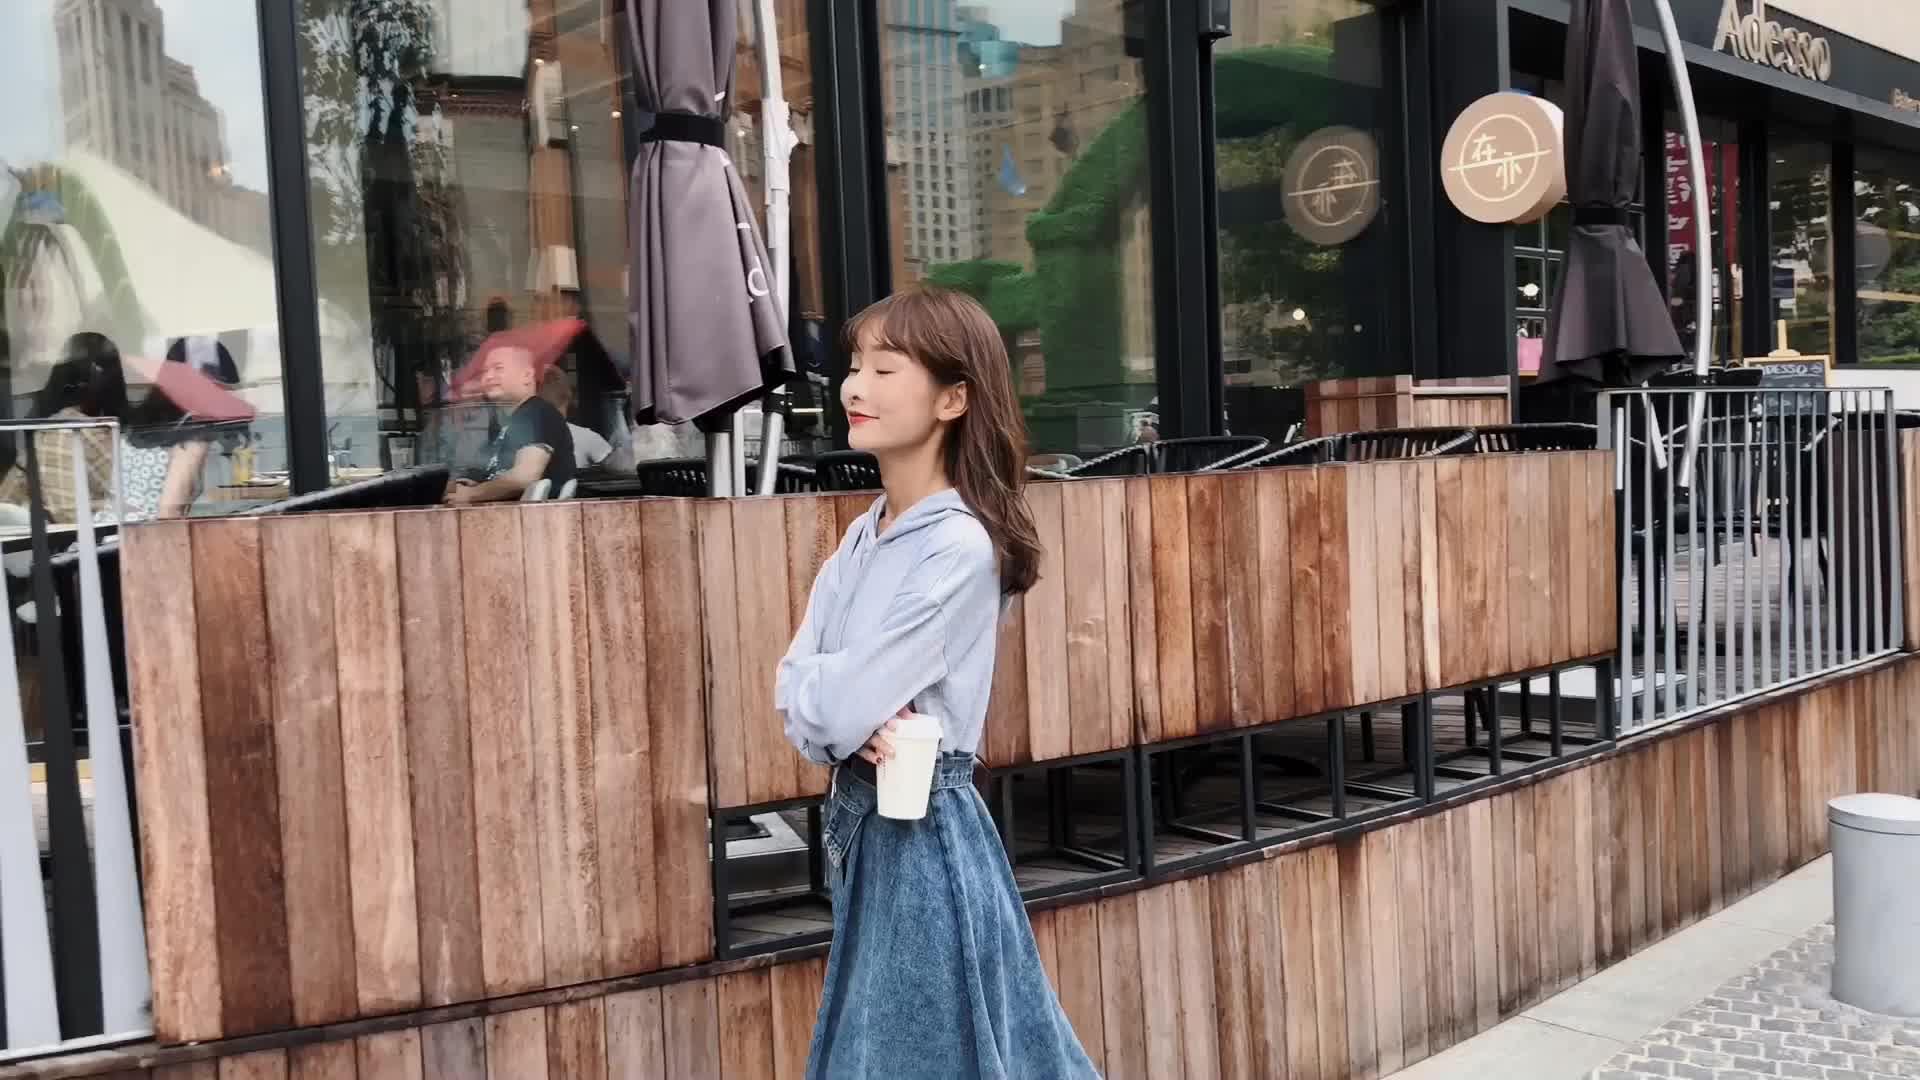 朵维思2018新款秋装韩版休闲连帽卫衣裙拼接牛仔连衣裙